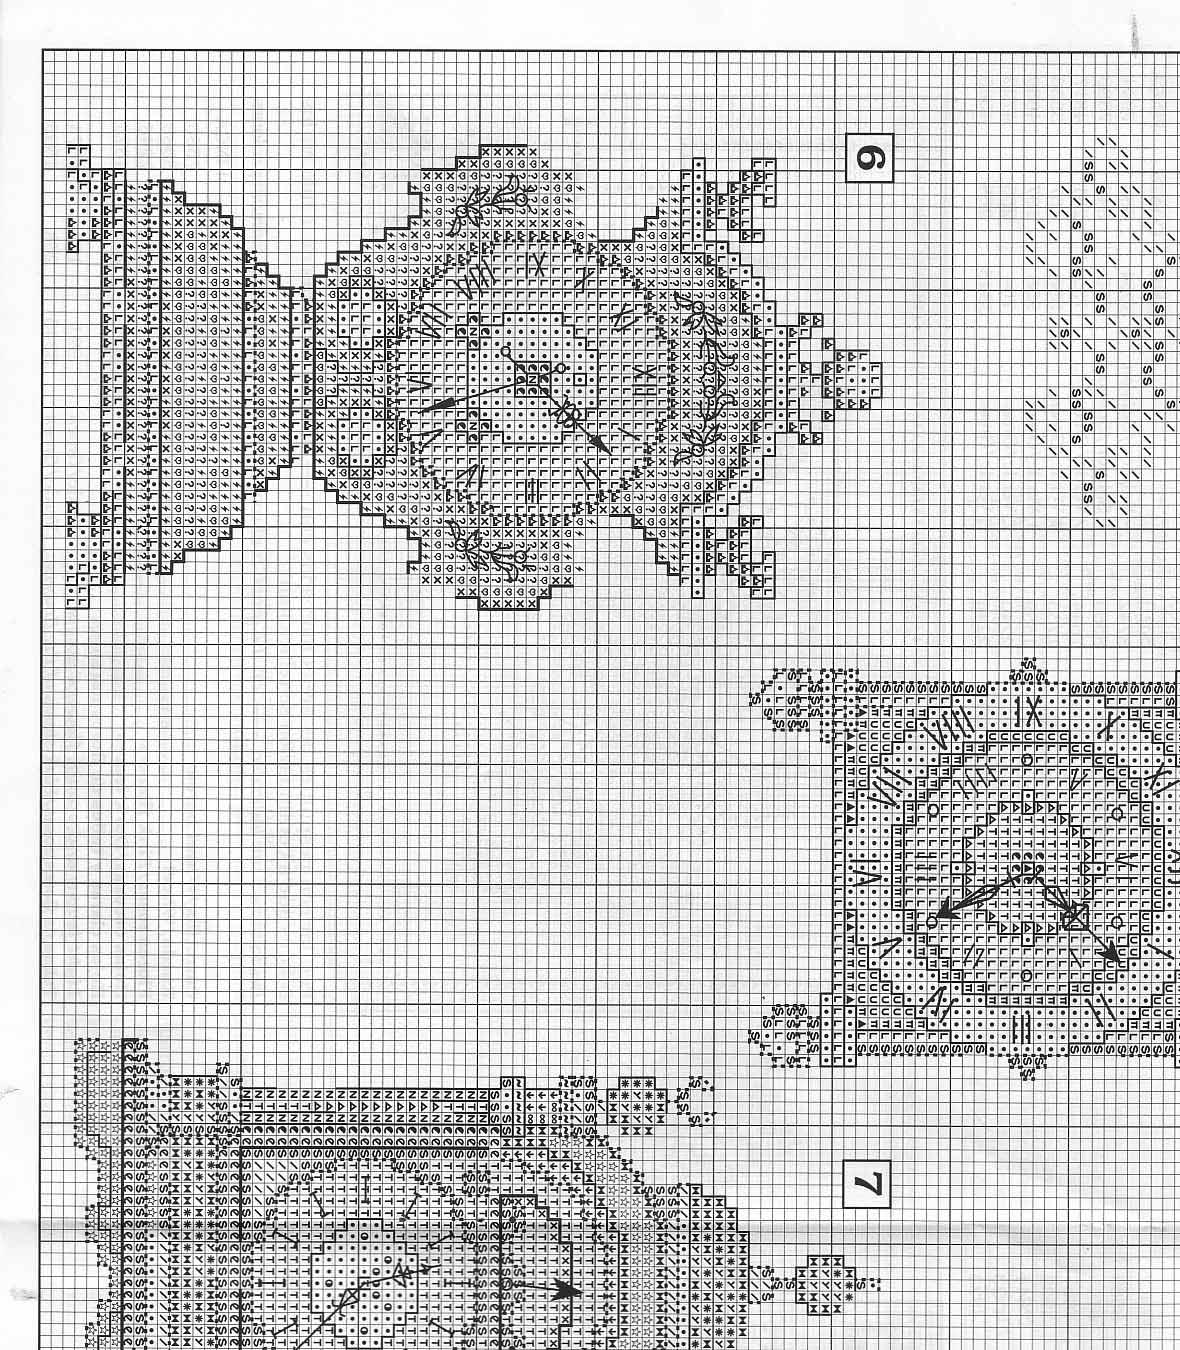 Orologi antichi da ricamare a punto croce 2 for Orologio punto croce schemi gratis